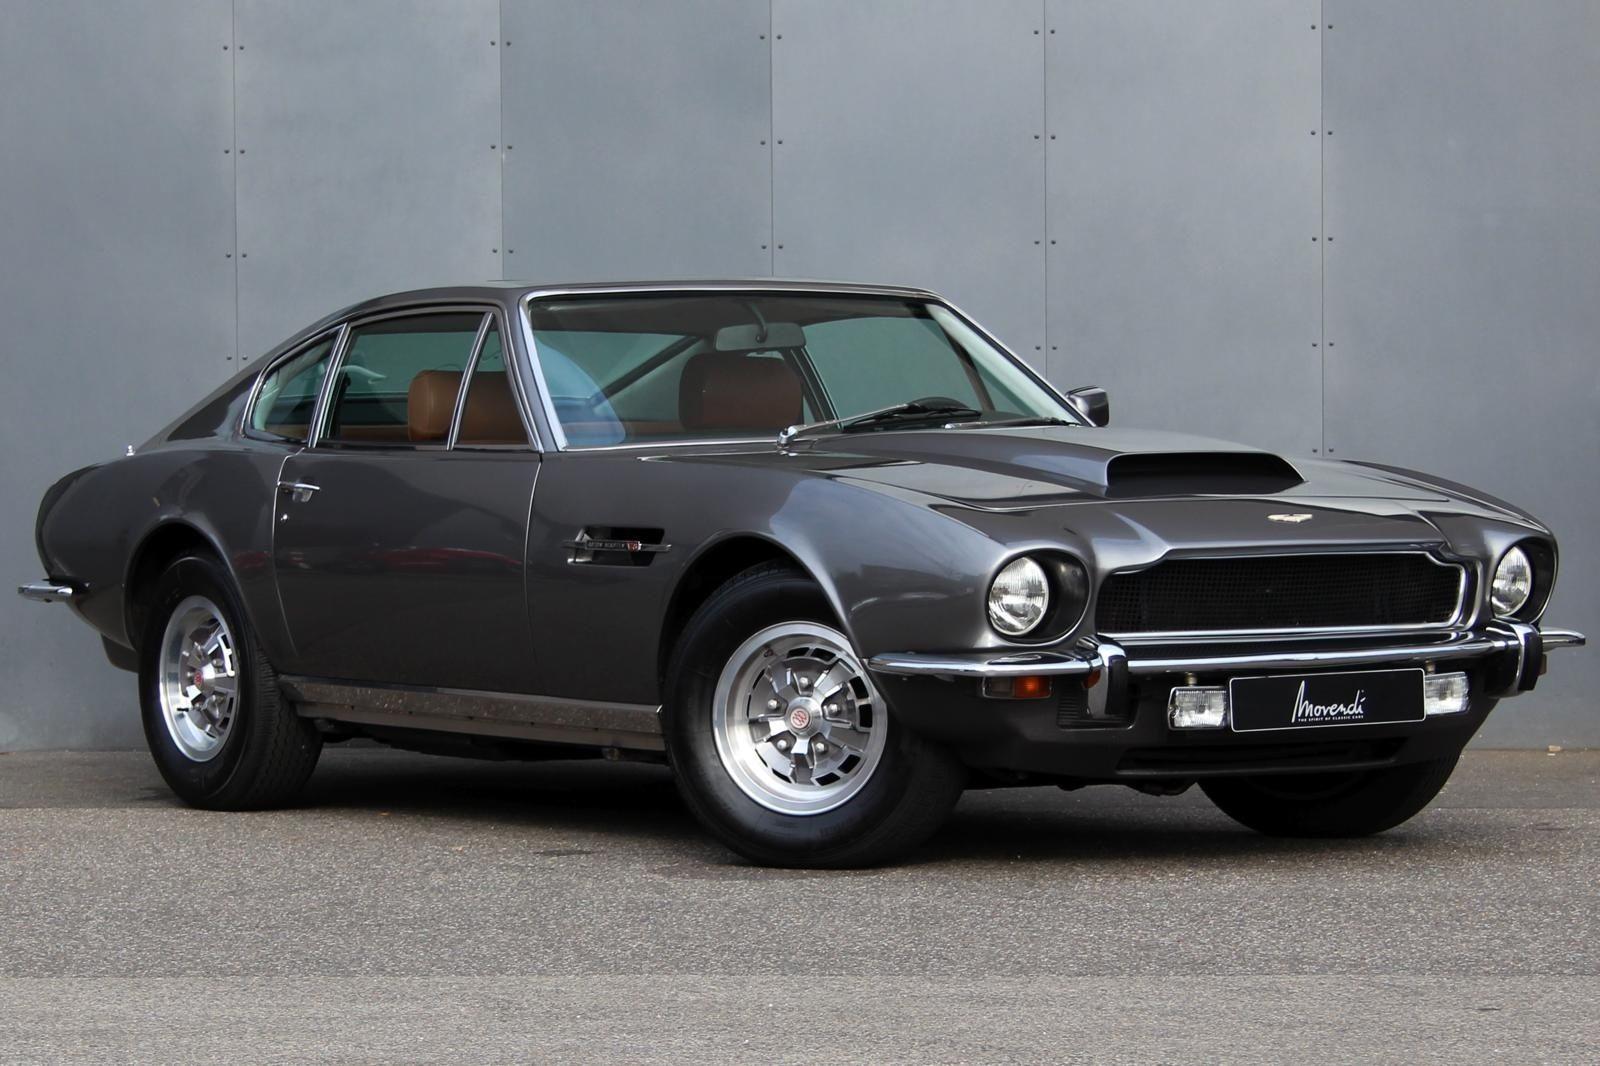 1975 Aston Martin V8 Serie Iii Handschalter Classic Driver Market Aston Martin Cars Aston Martin Aston Martin Vantage